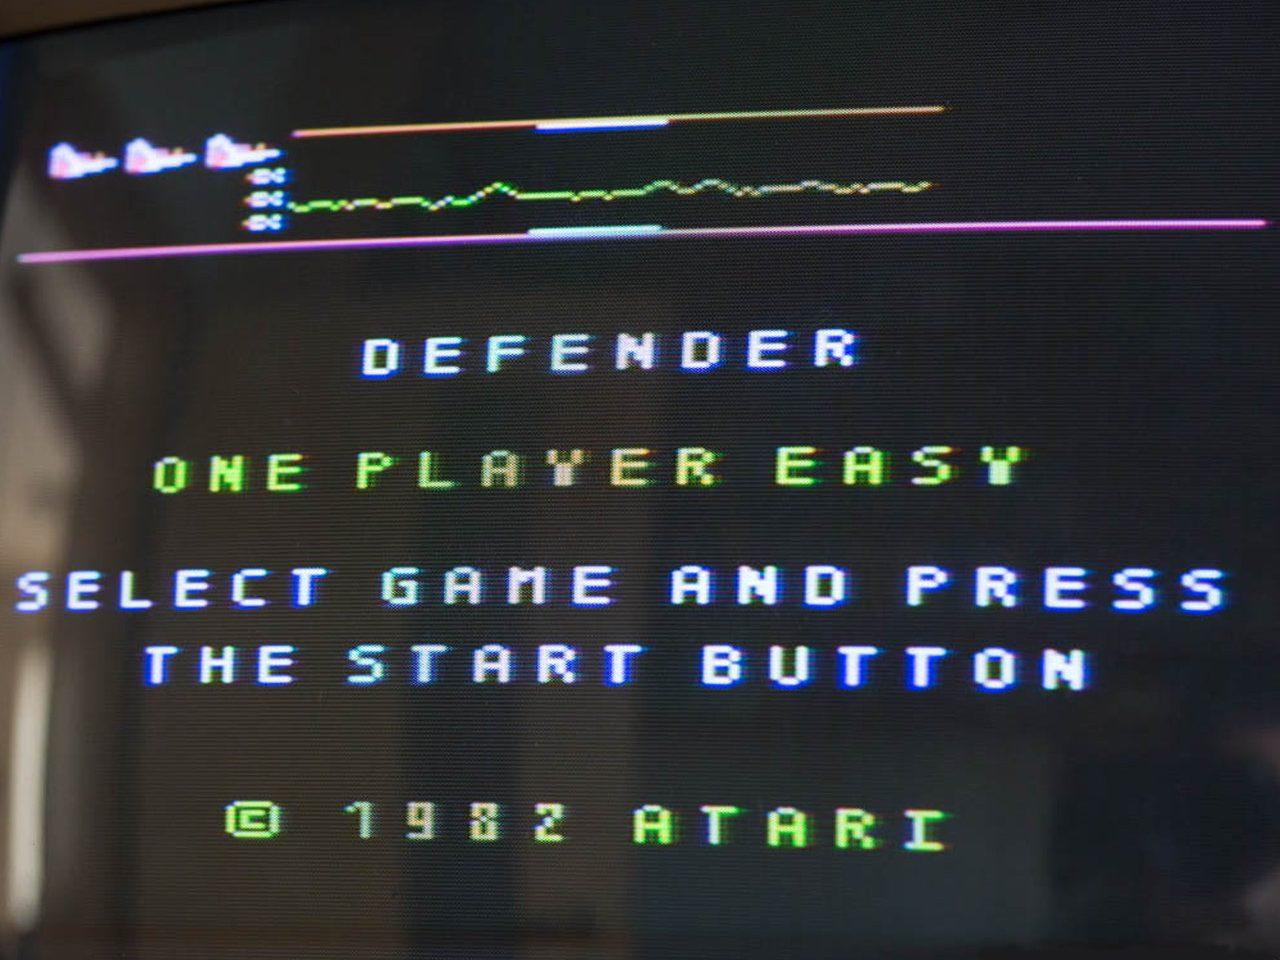 Der Spielhallen-Klassiker der frühen 80er: Defender in seiner Portierung auf den Atari 800XL (Bild: Martin Goldmann)